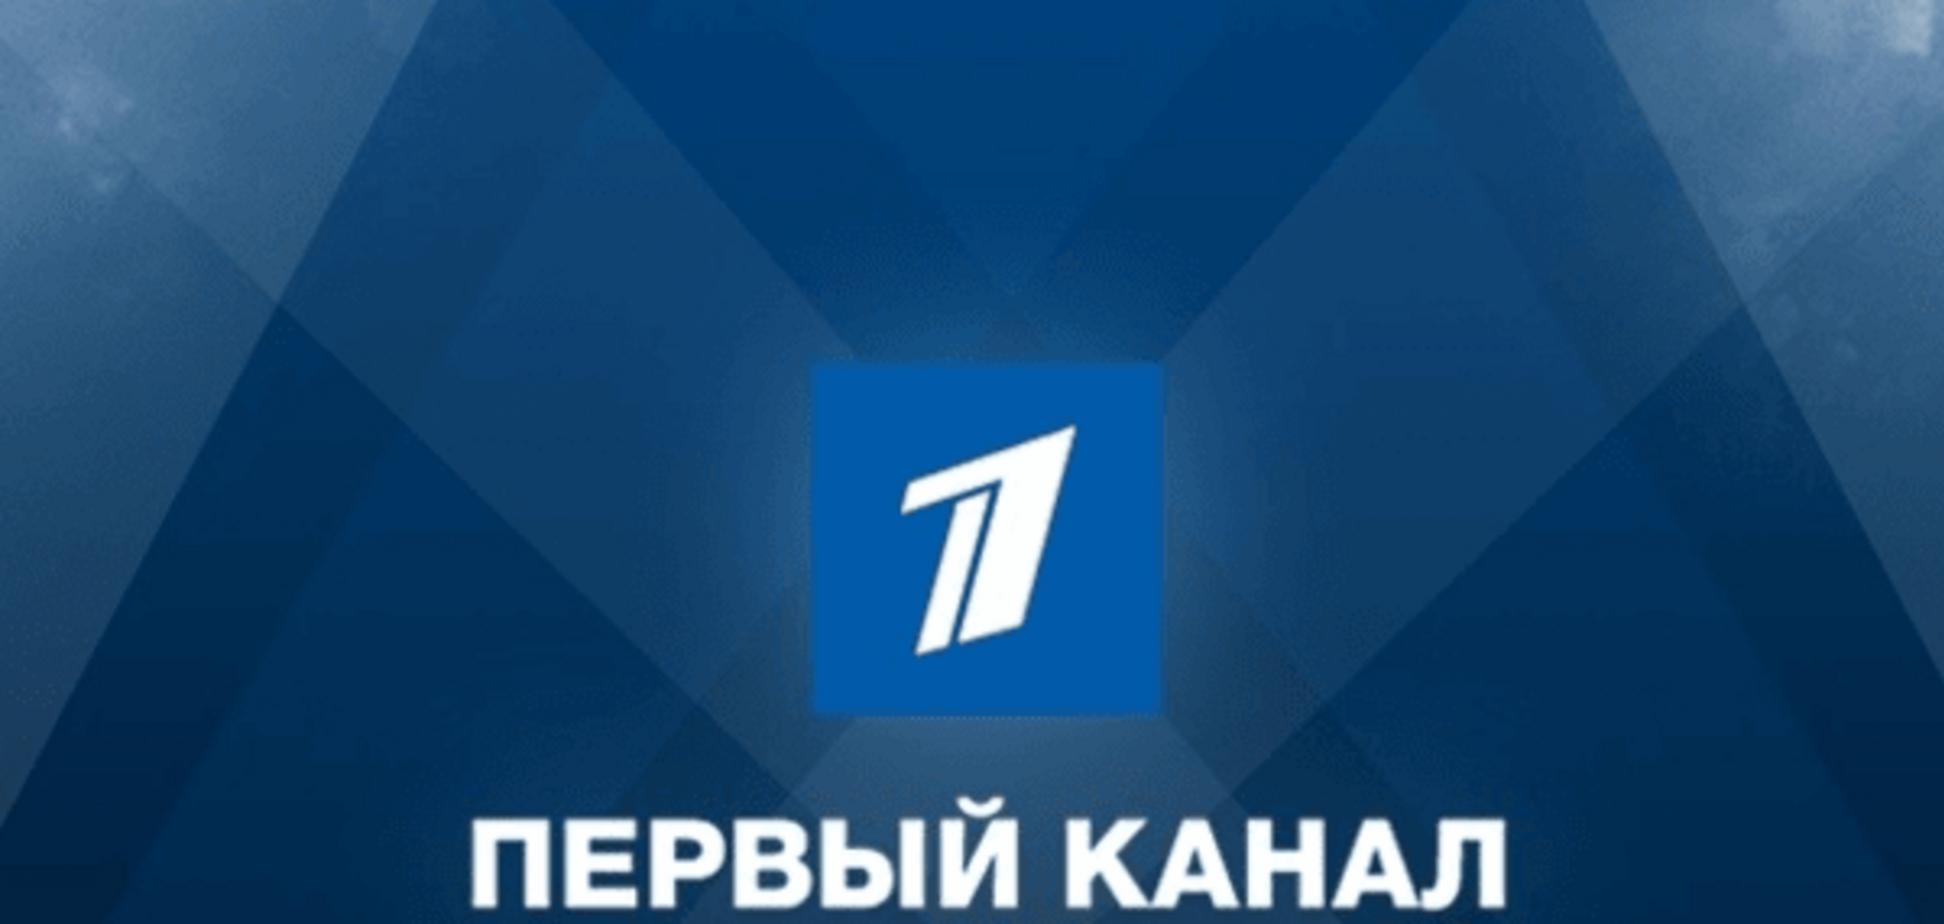 До Києва 'повернувся' корпункт російських пропагандистів 'Першого каналу'